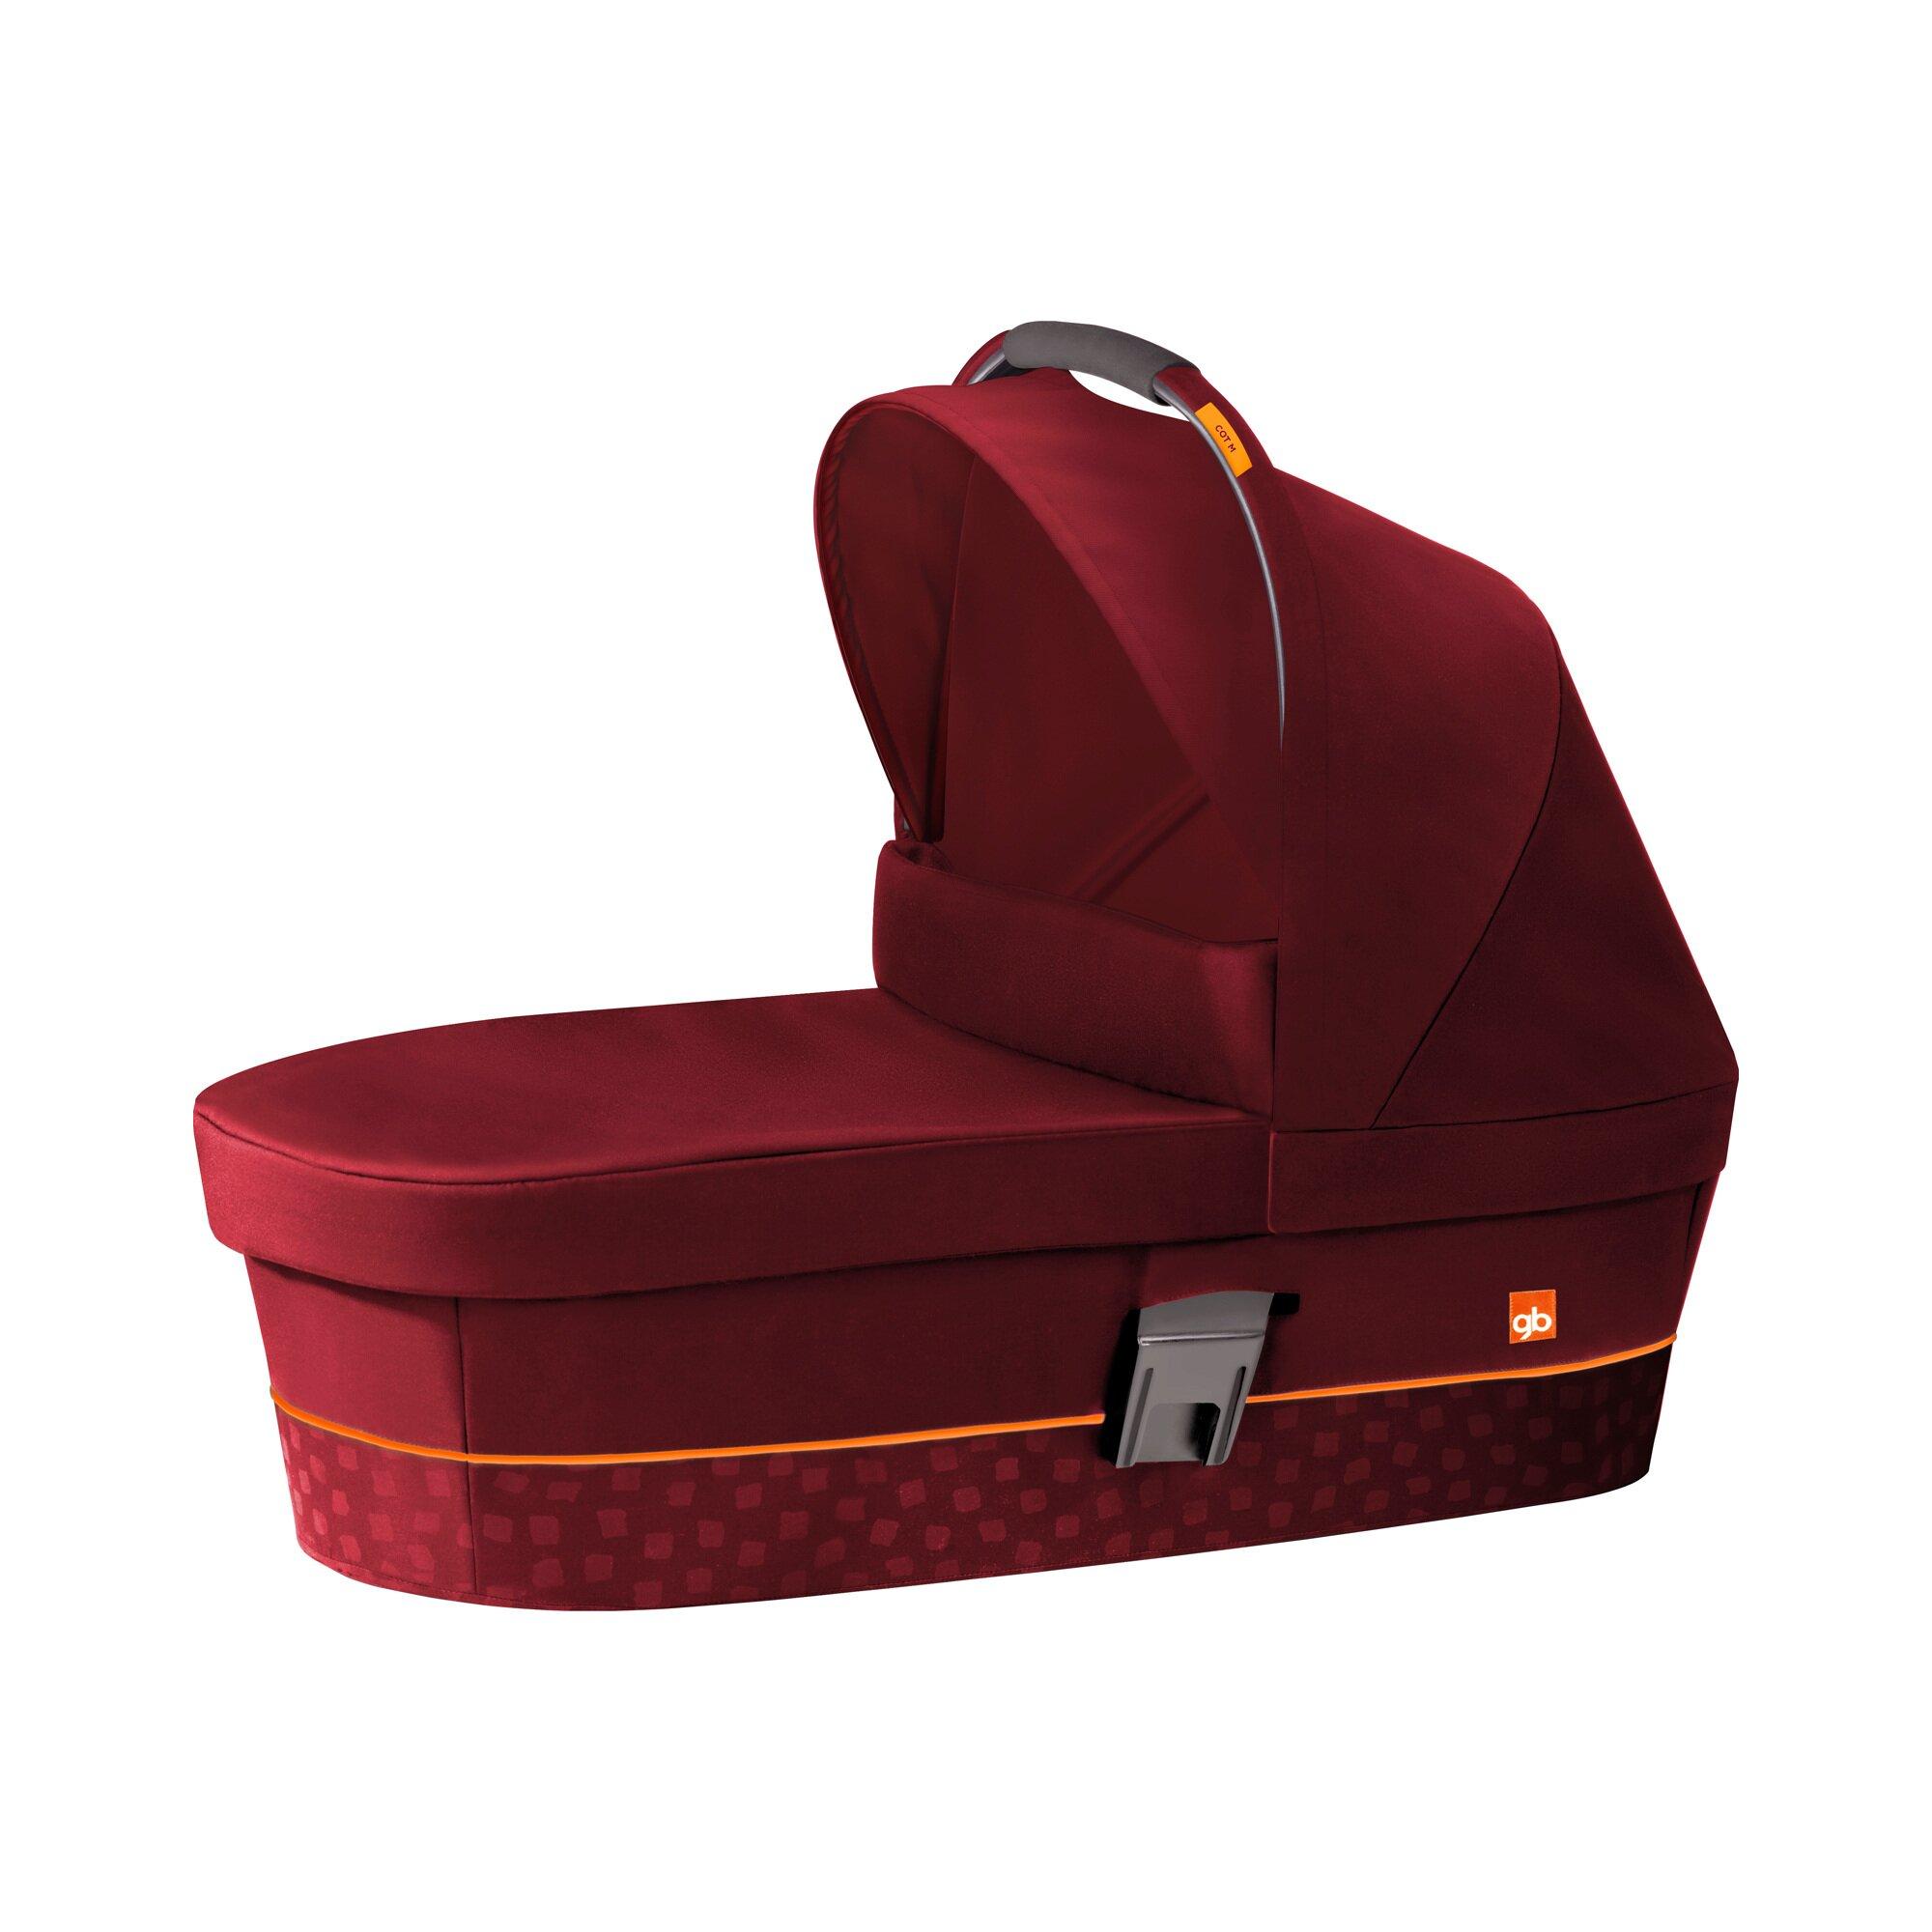 Kinderwagenaufsatz M Dragonfire Red (616226003)